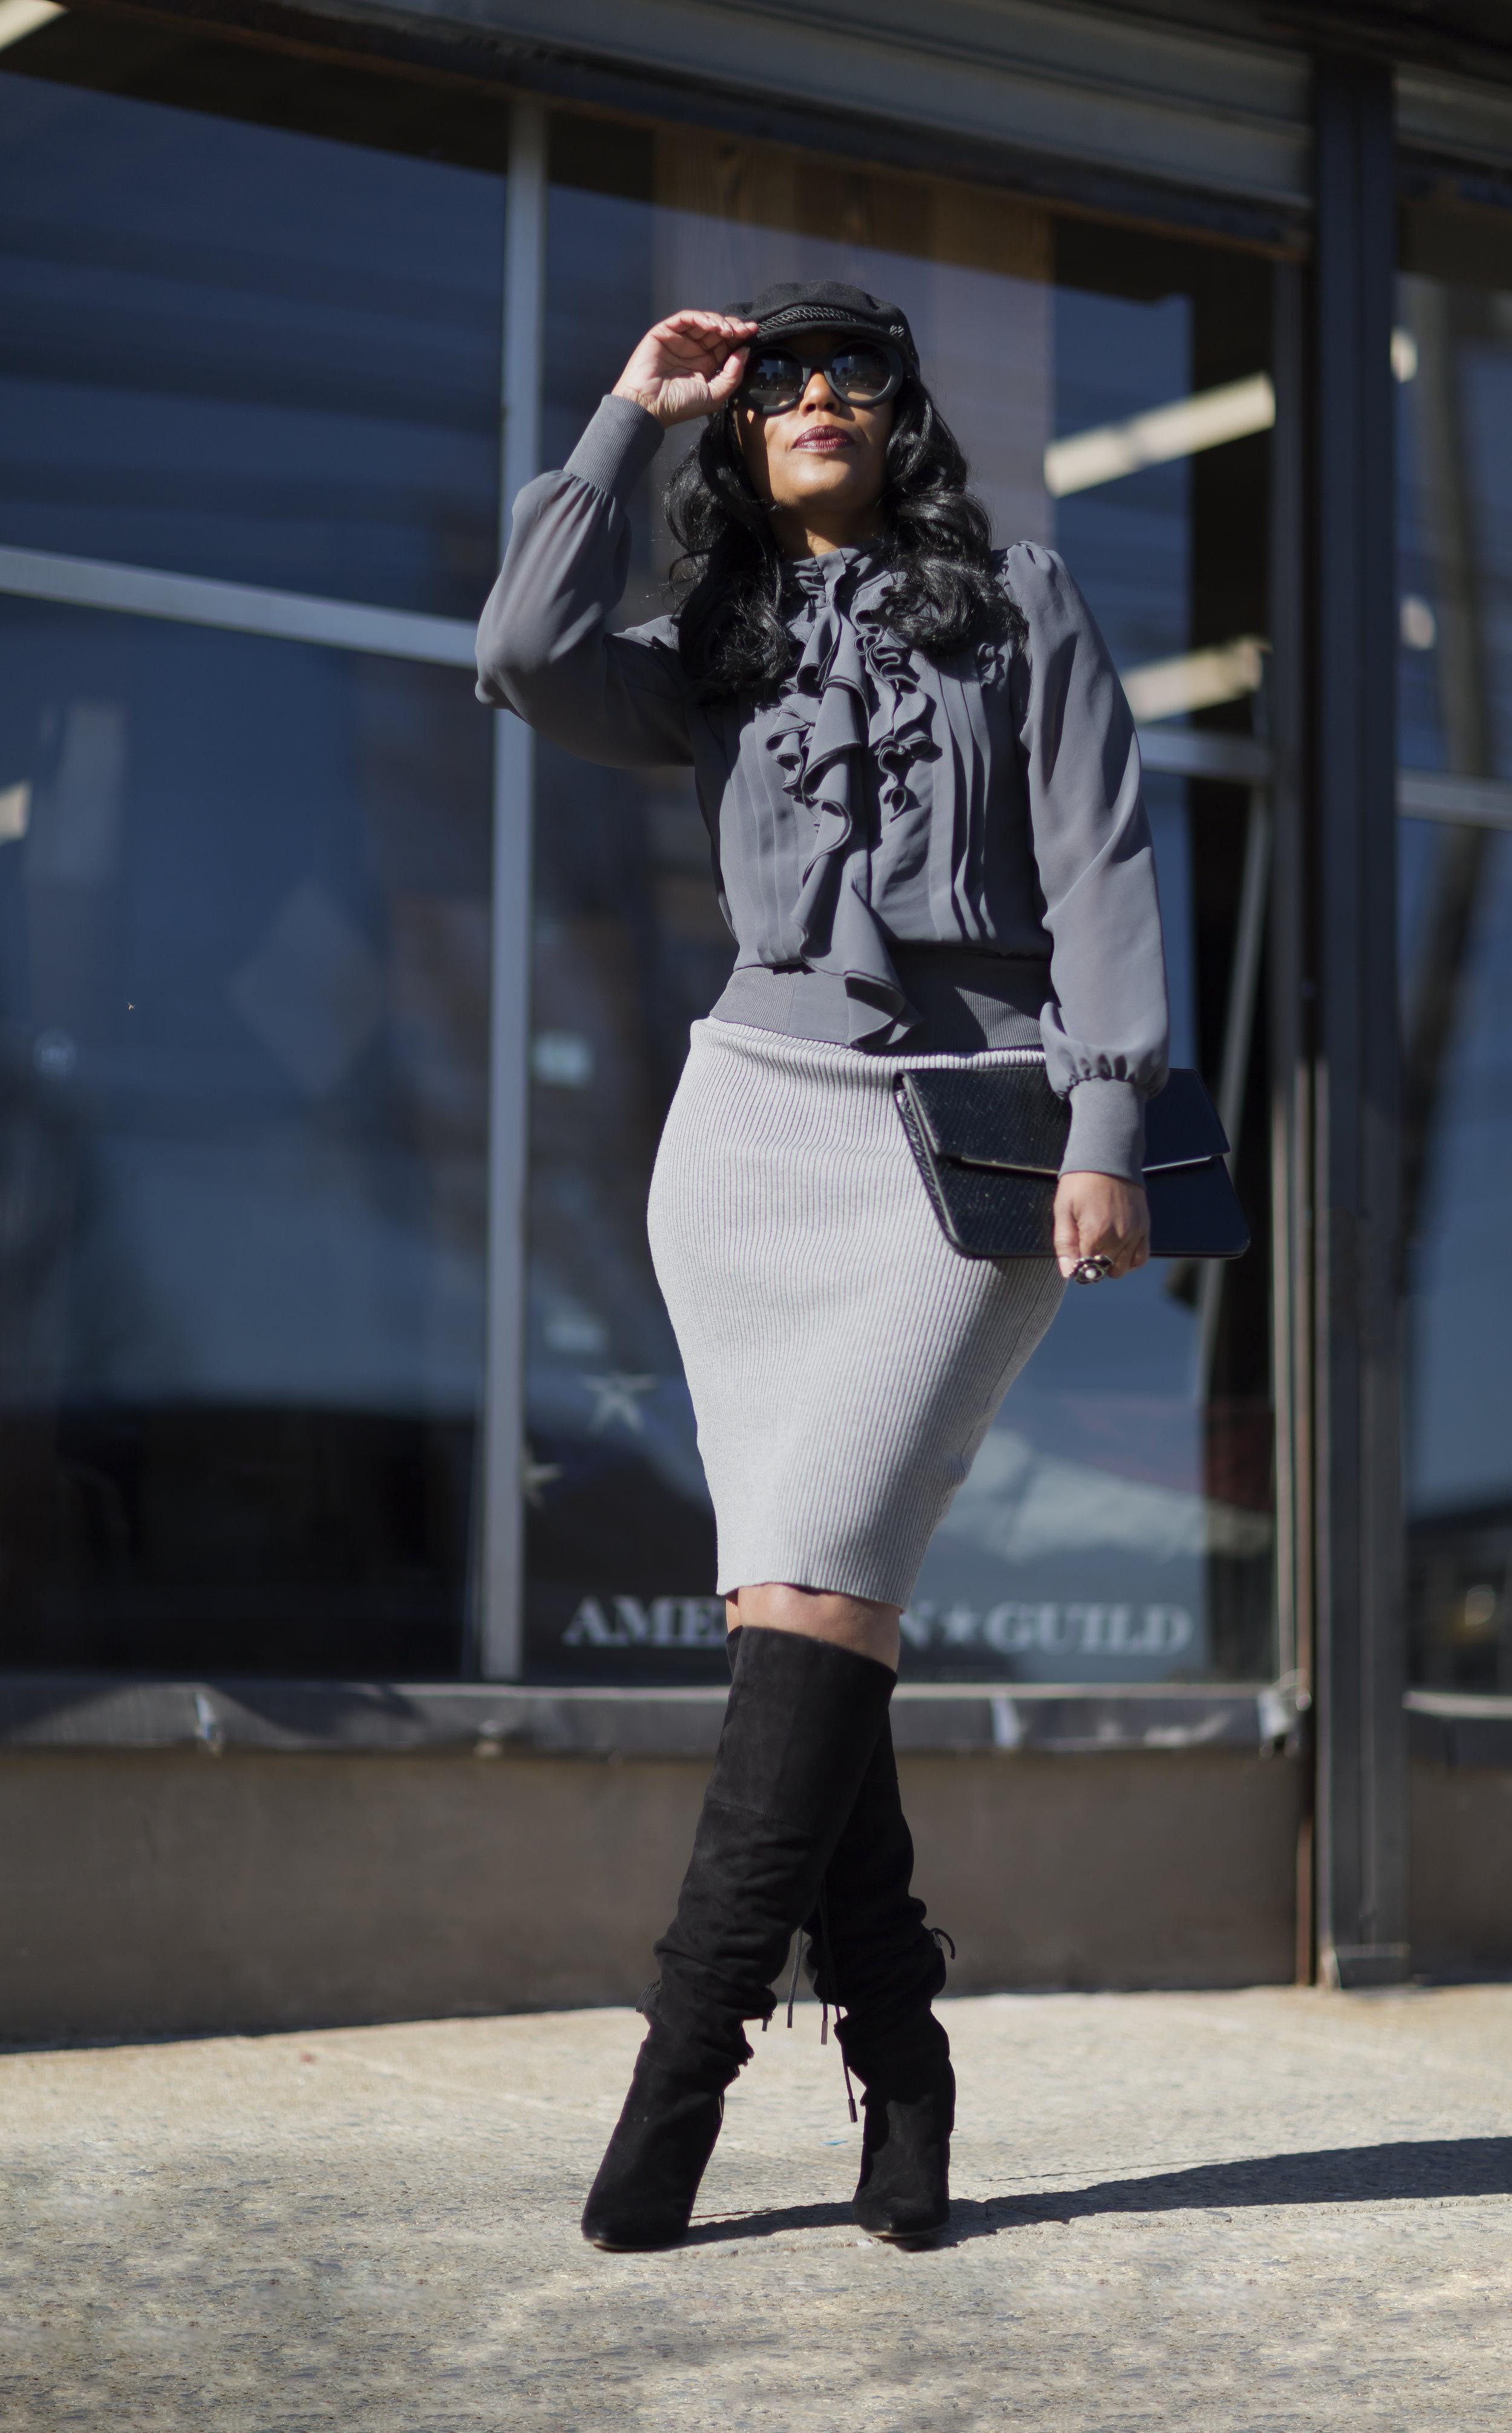 Bella Pencil Skirt( Eve Lawrence Boutique )   Jacket(Express) old   Boots(DSW) old   Hat(Primark)